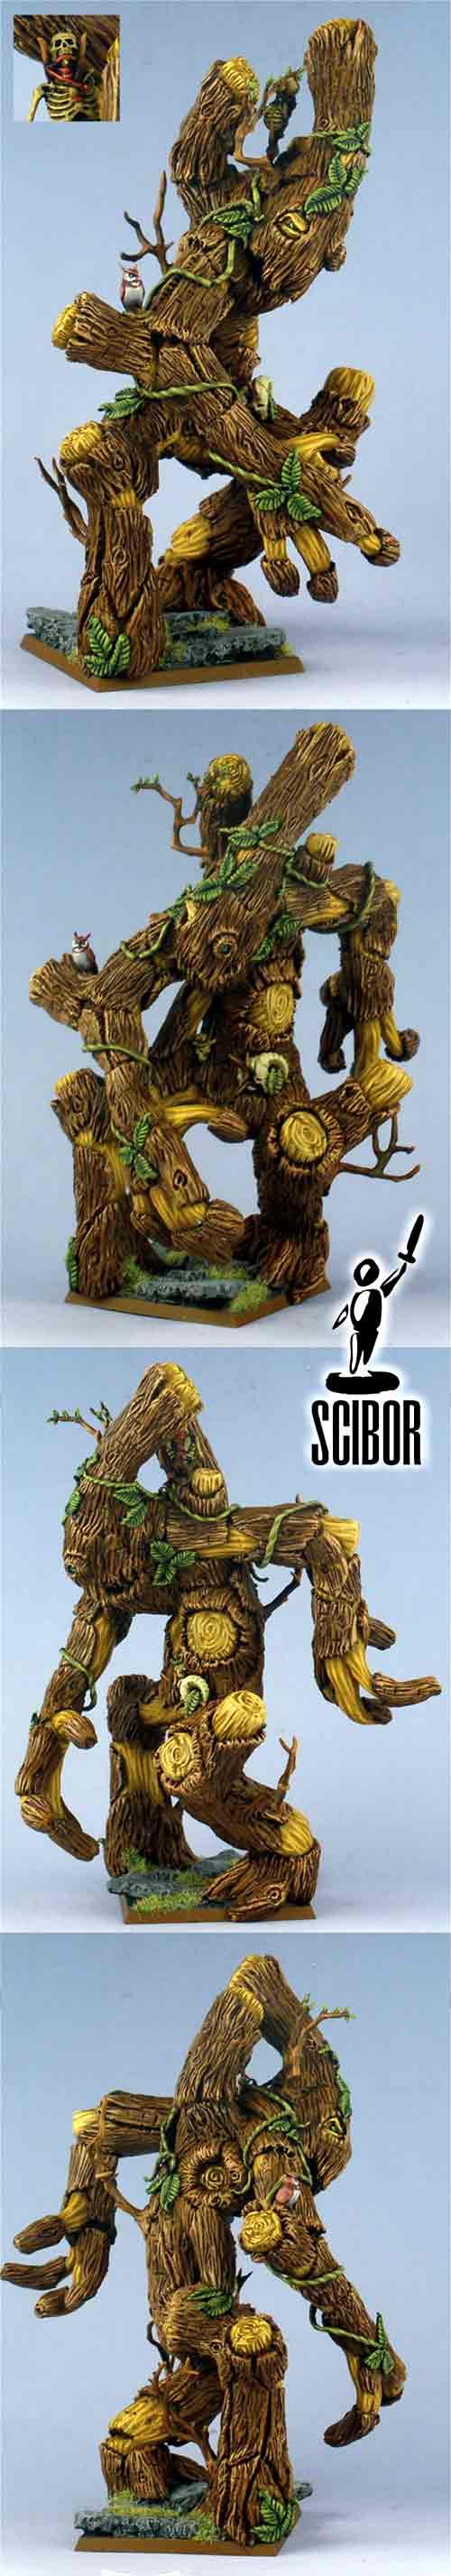 WARHAMMER Wood Elf Treeman SCULPTED & PAINTED